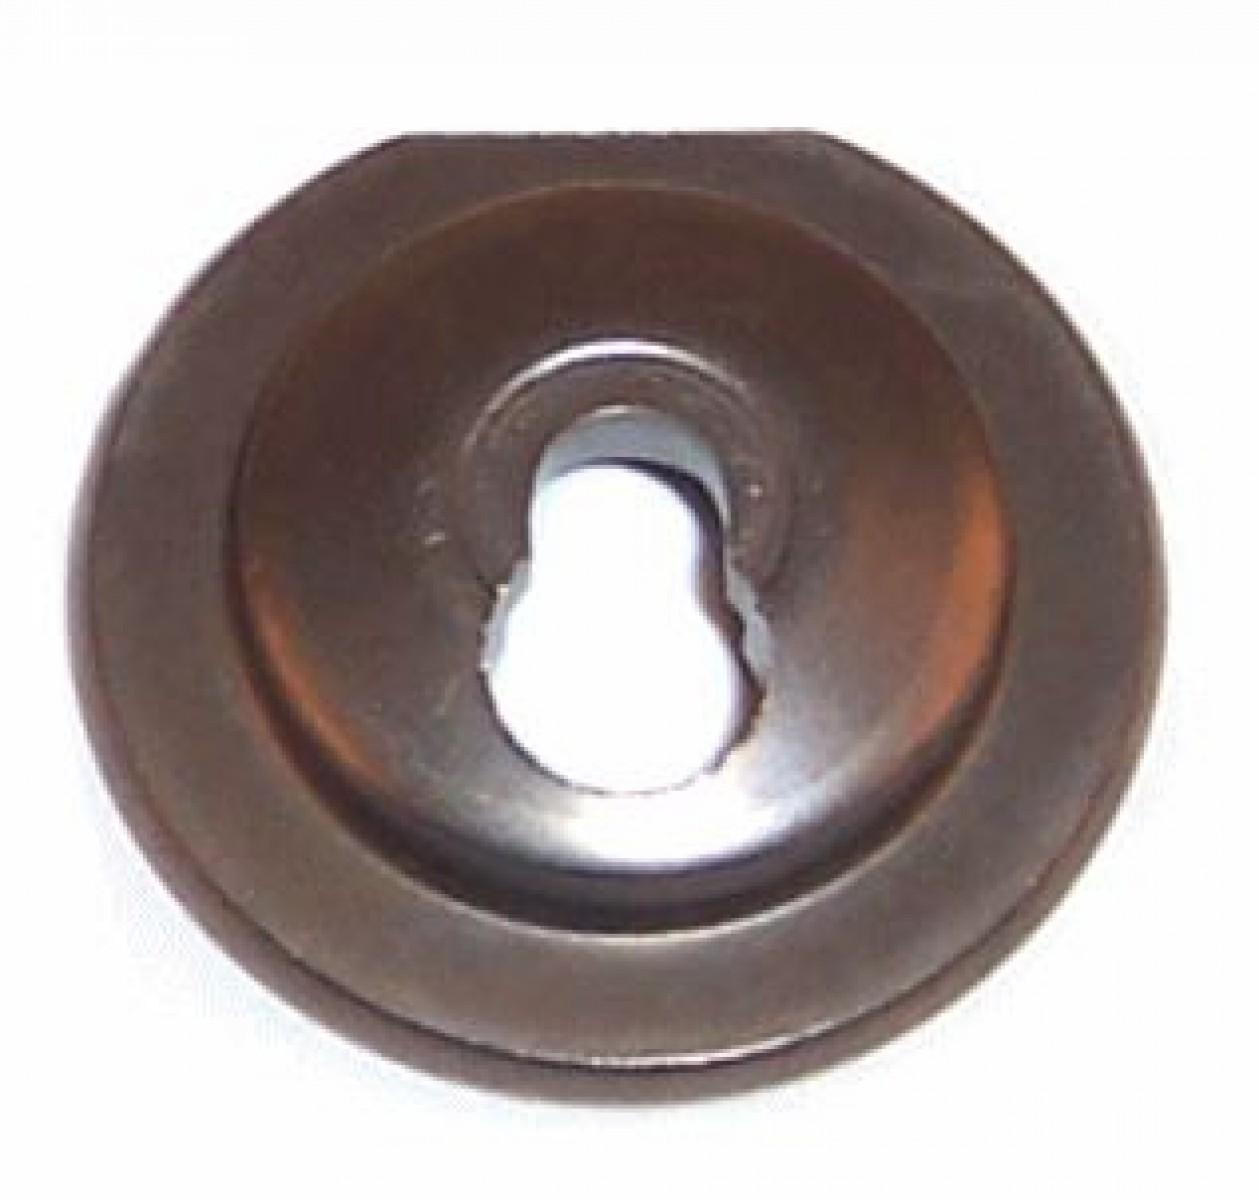 Jistící miska sacího ventilu Honda GX240 GX270 GX340 GX390 GX620 GX670